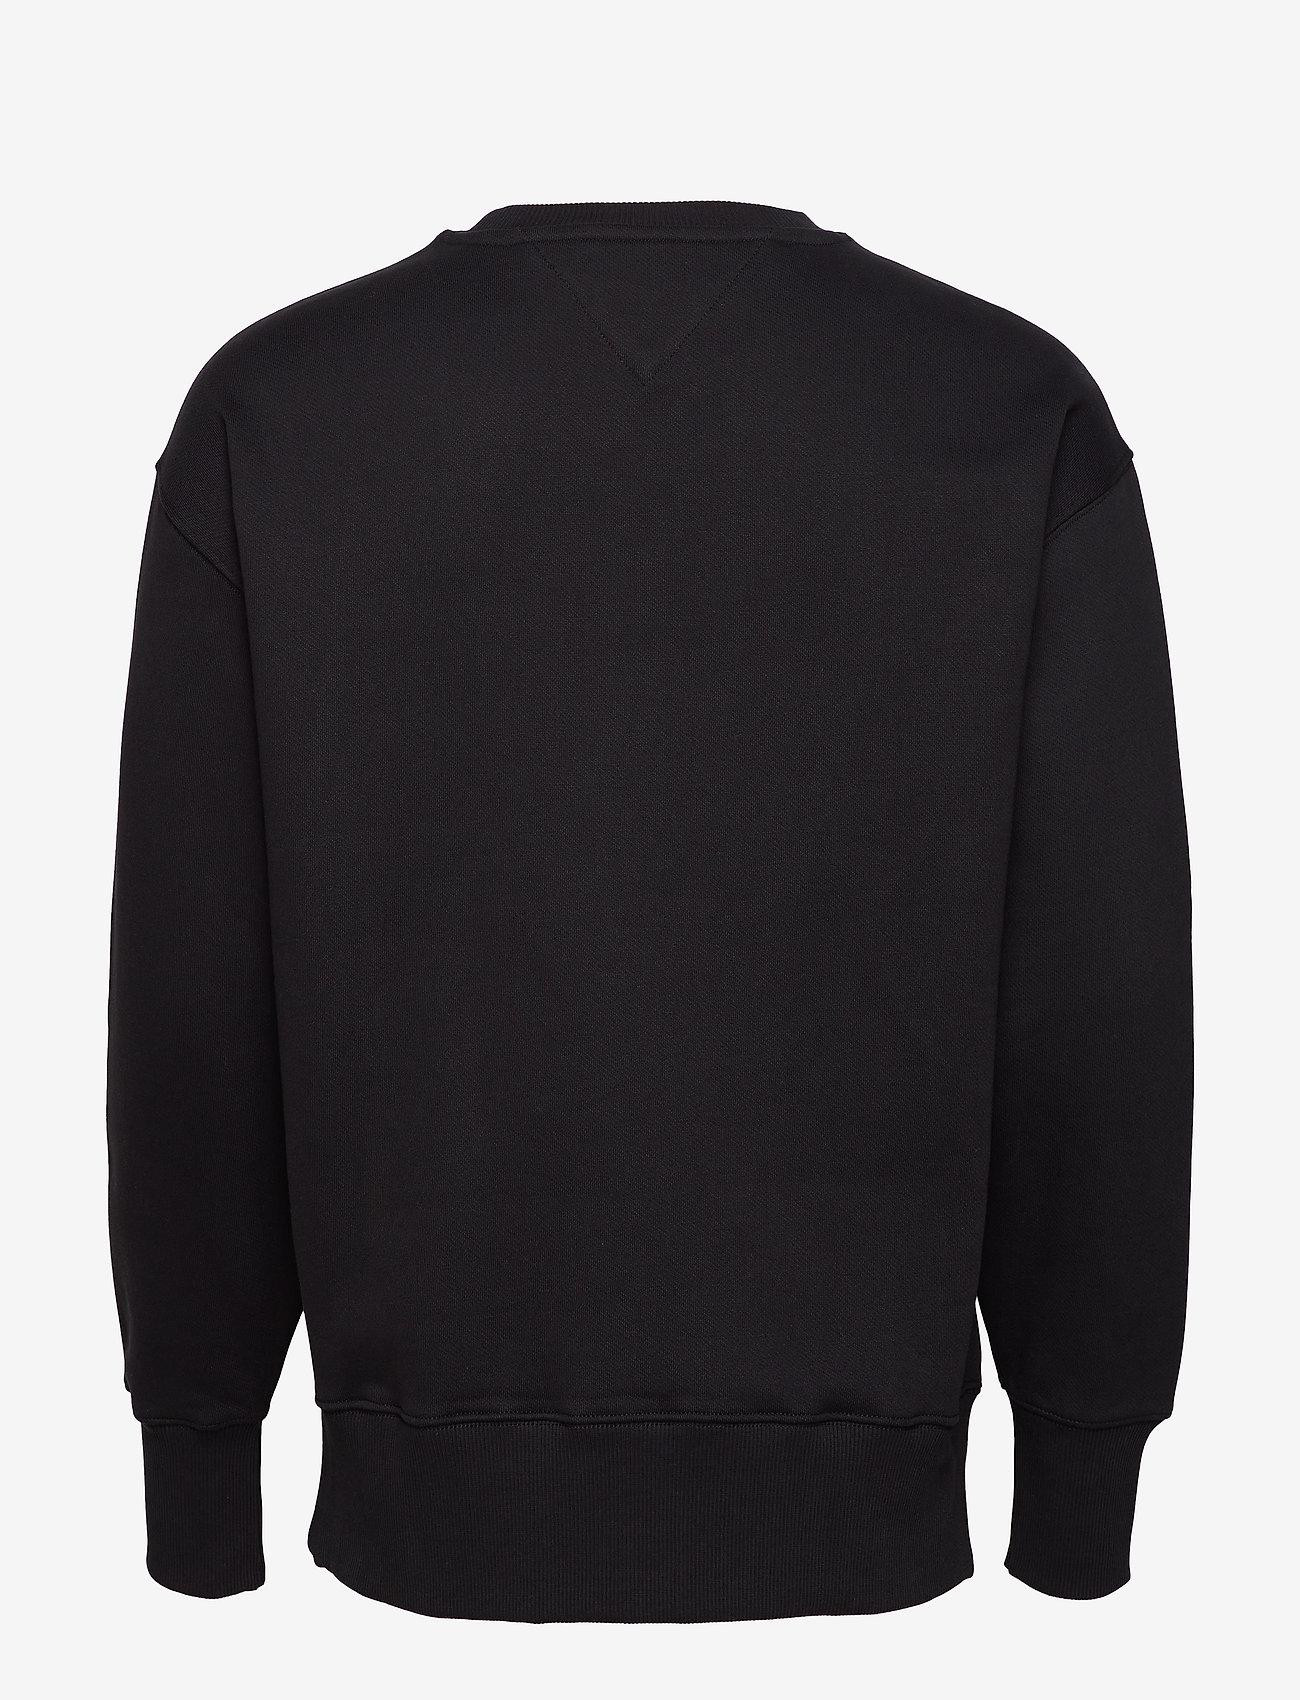 Tommy Jeans - TJM TOMMY BADGE CREW - kläder - black - 1